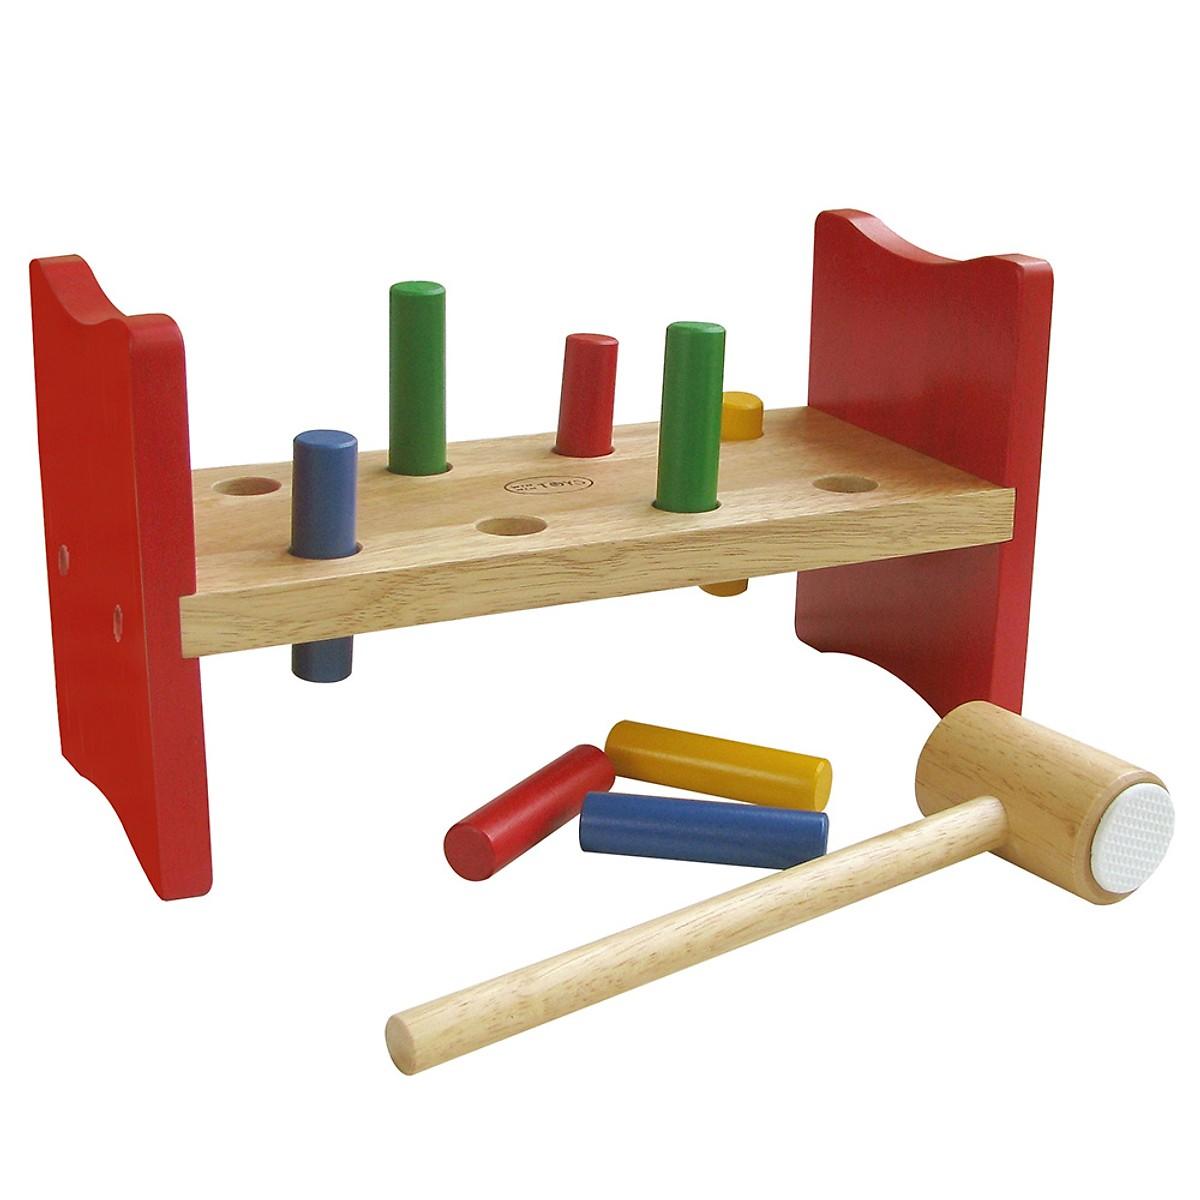 Búa Đập Cọc  Mk - Đồ chơi gỗ